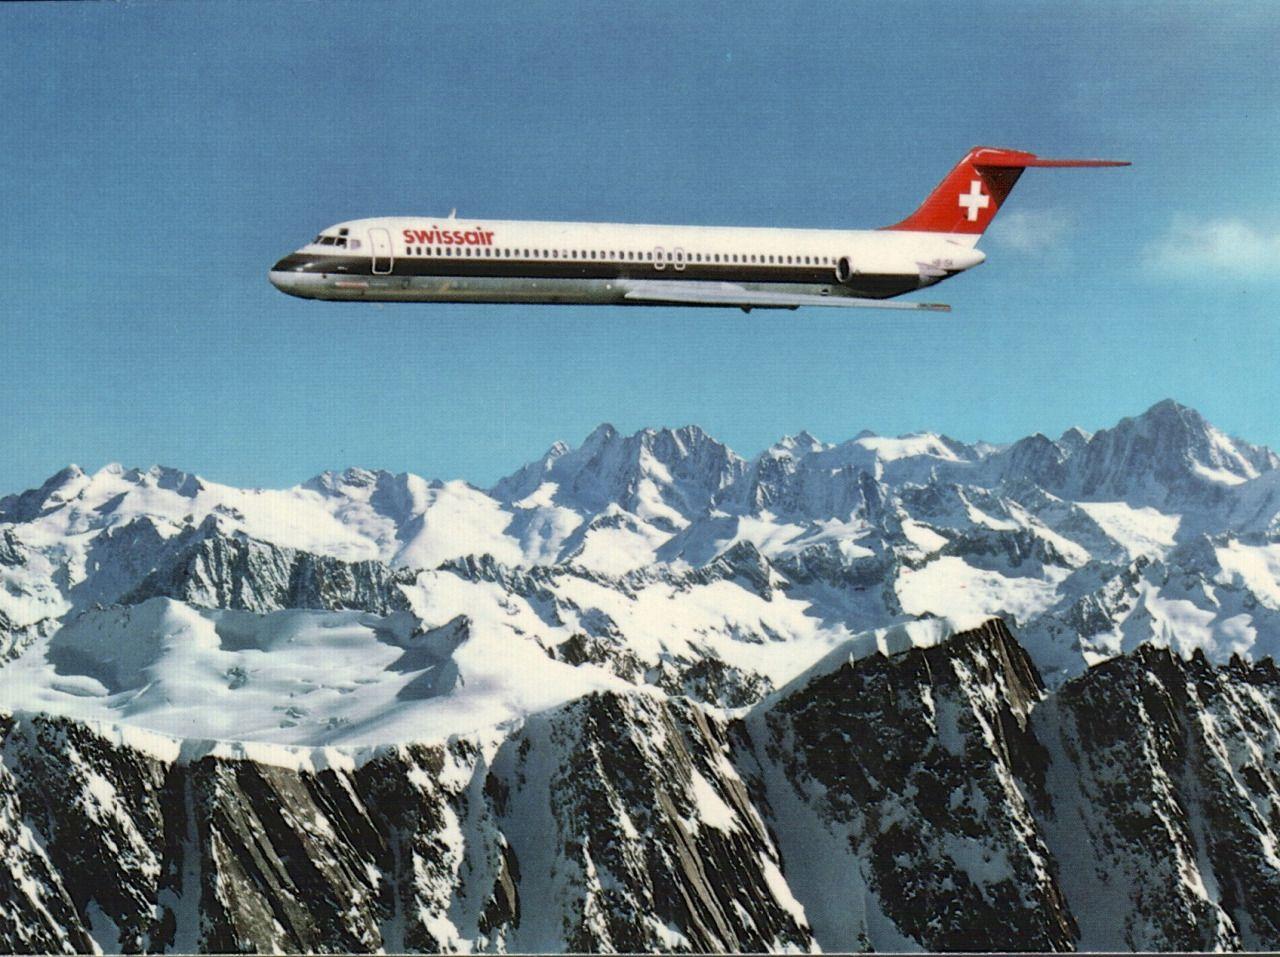 Swissair McDonnell Douglas DC951 Air photo, Airlines